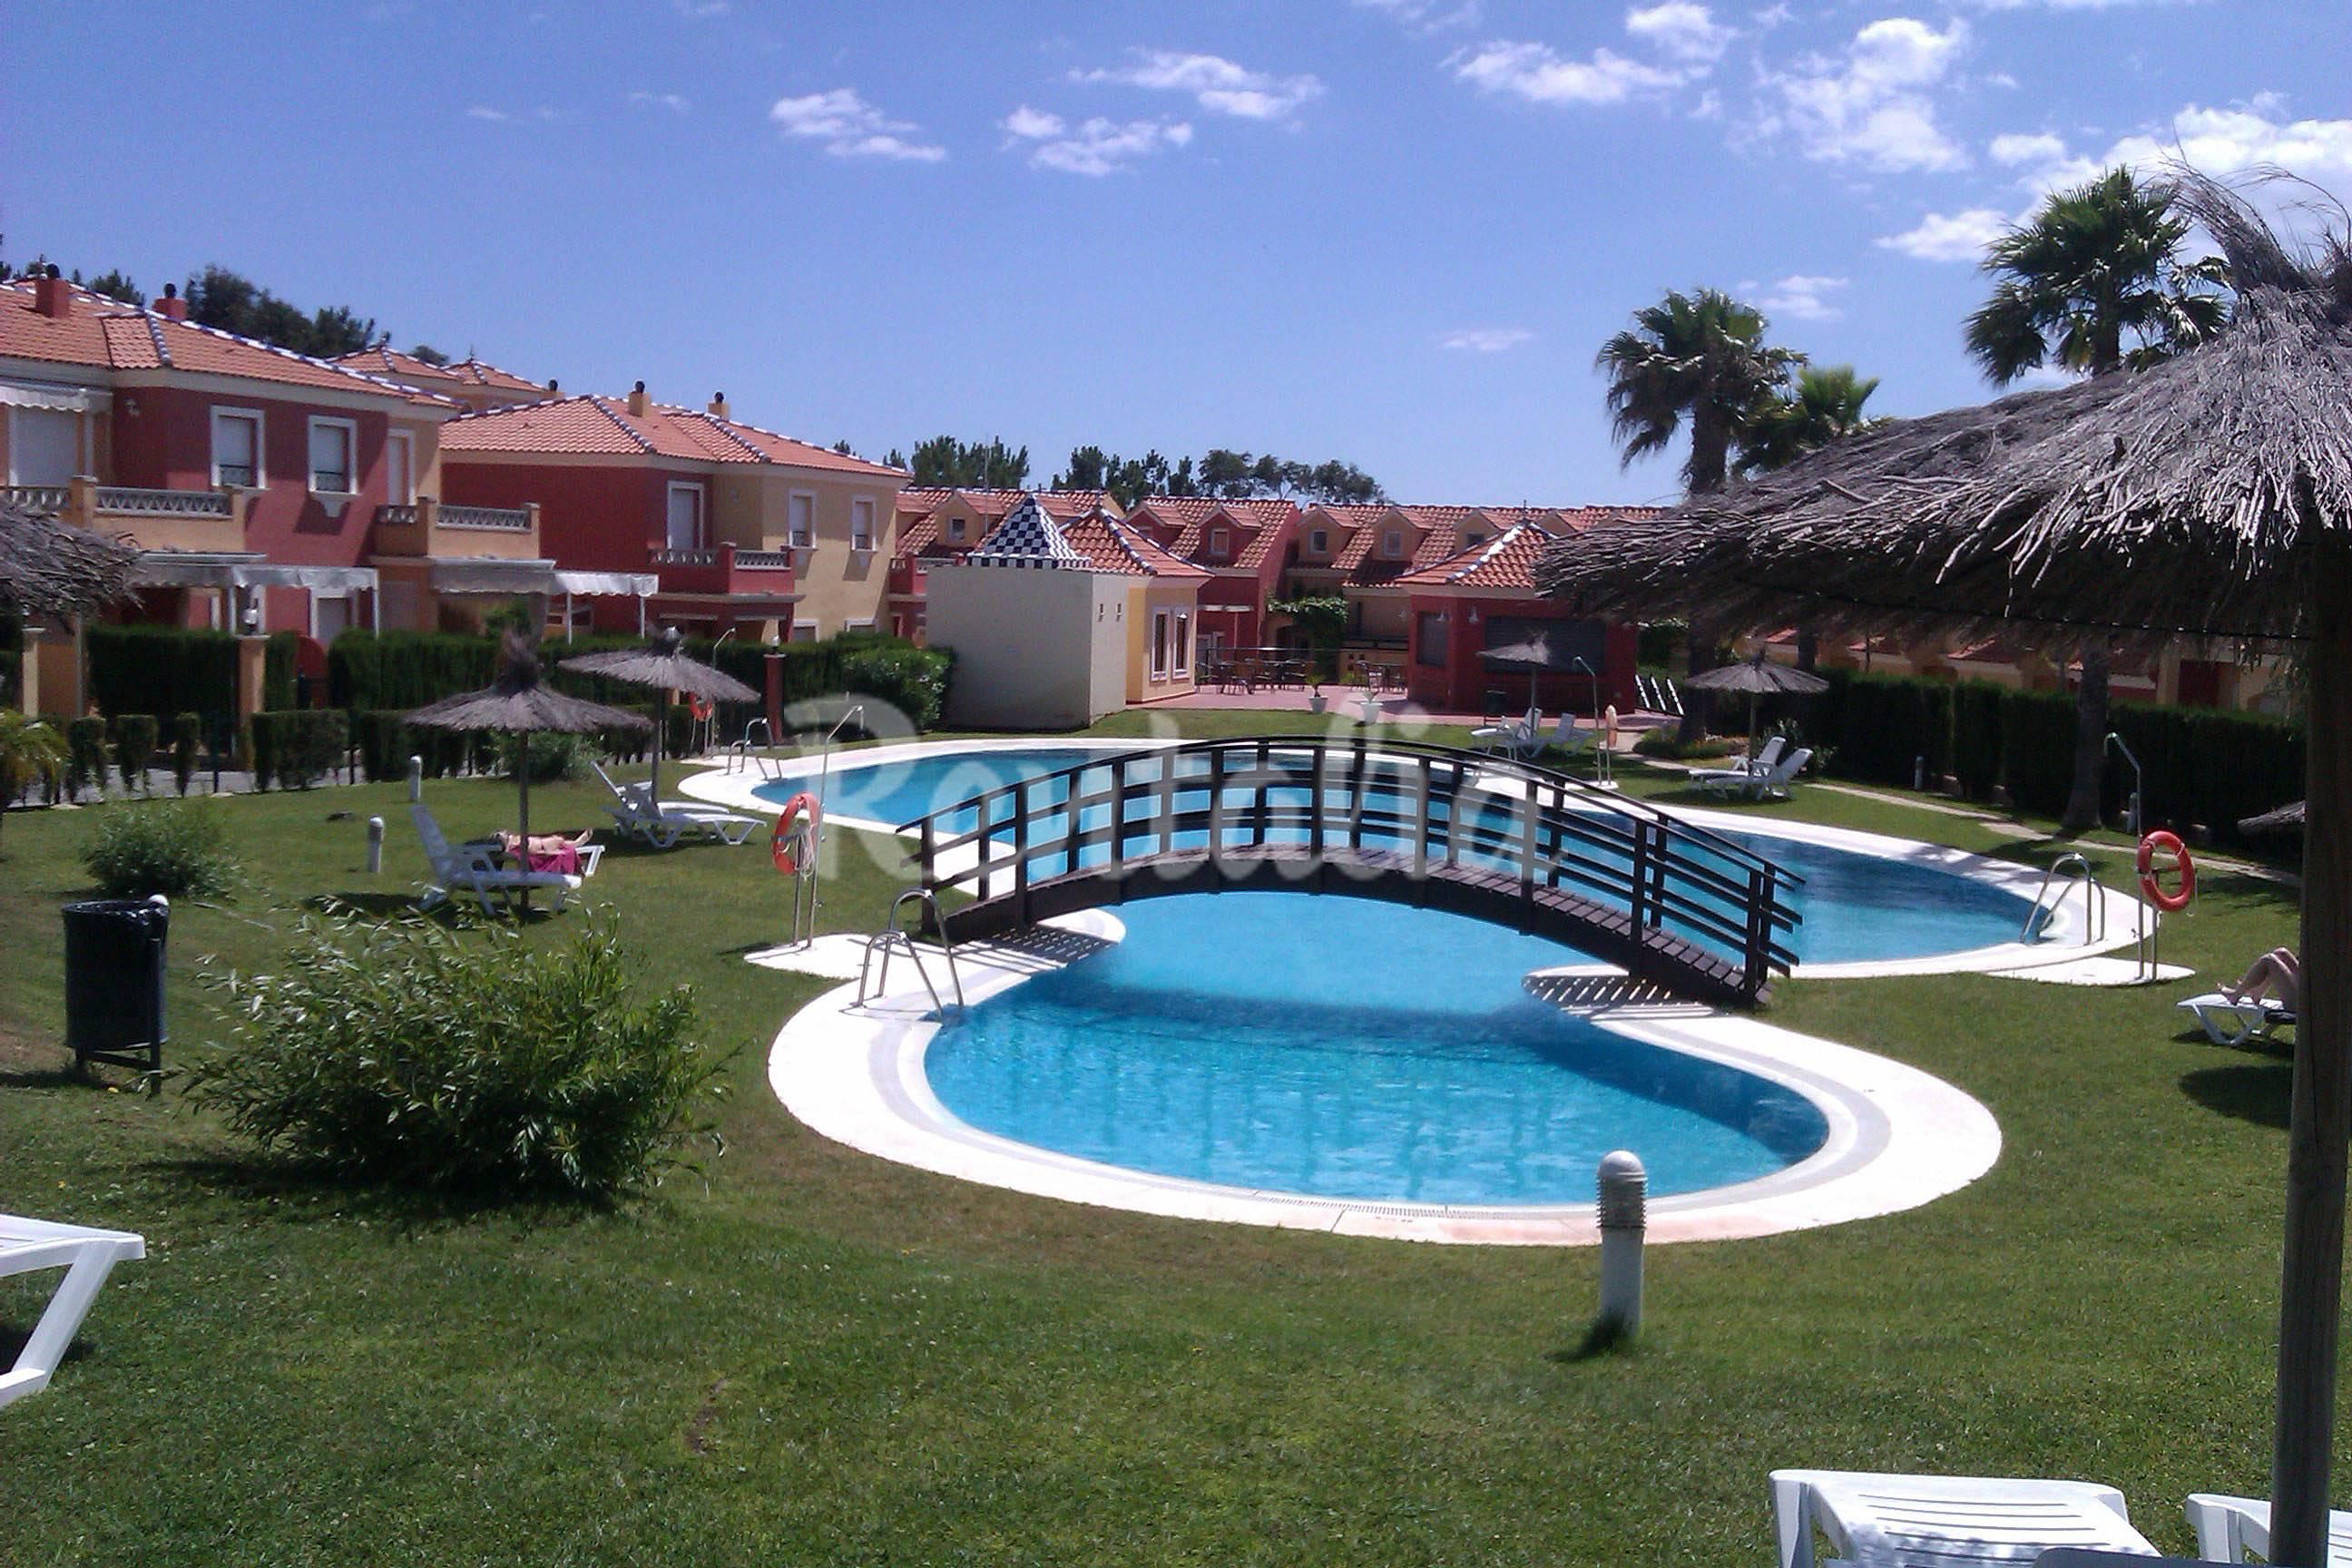 Apartamento en alquiler a 1000 m de la playa islantilla - Rentalia islantilla ...